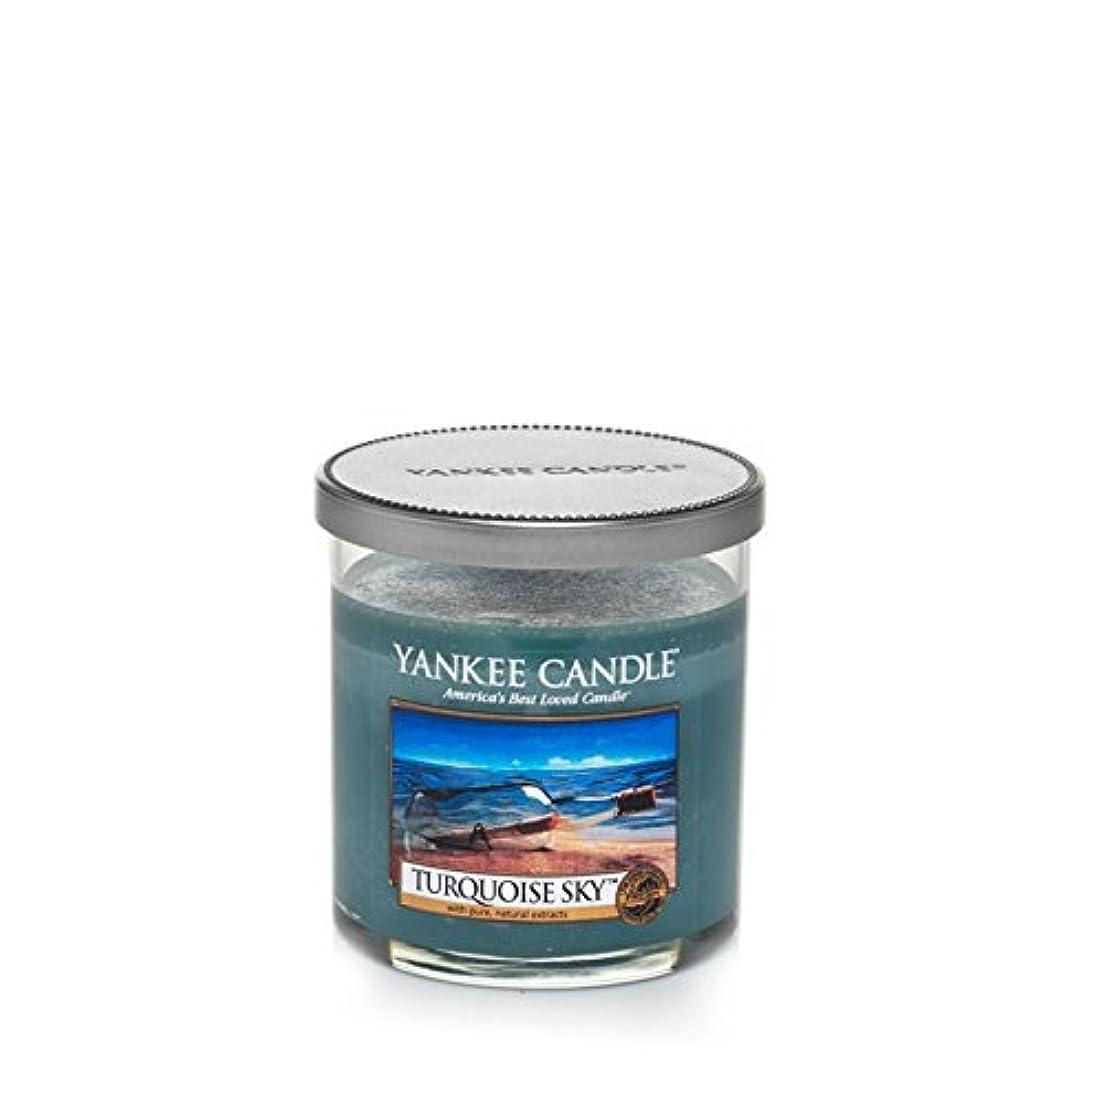 の量のために中性ヤンキーキャンドルの小さな柱キャンドル - ターコイズの空 - Yankee Candles Small Pillar Candle - Turquoise Sky (Yankee Candles) [並行輸入品]